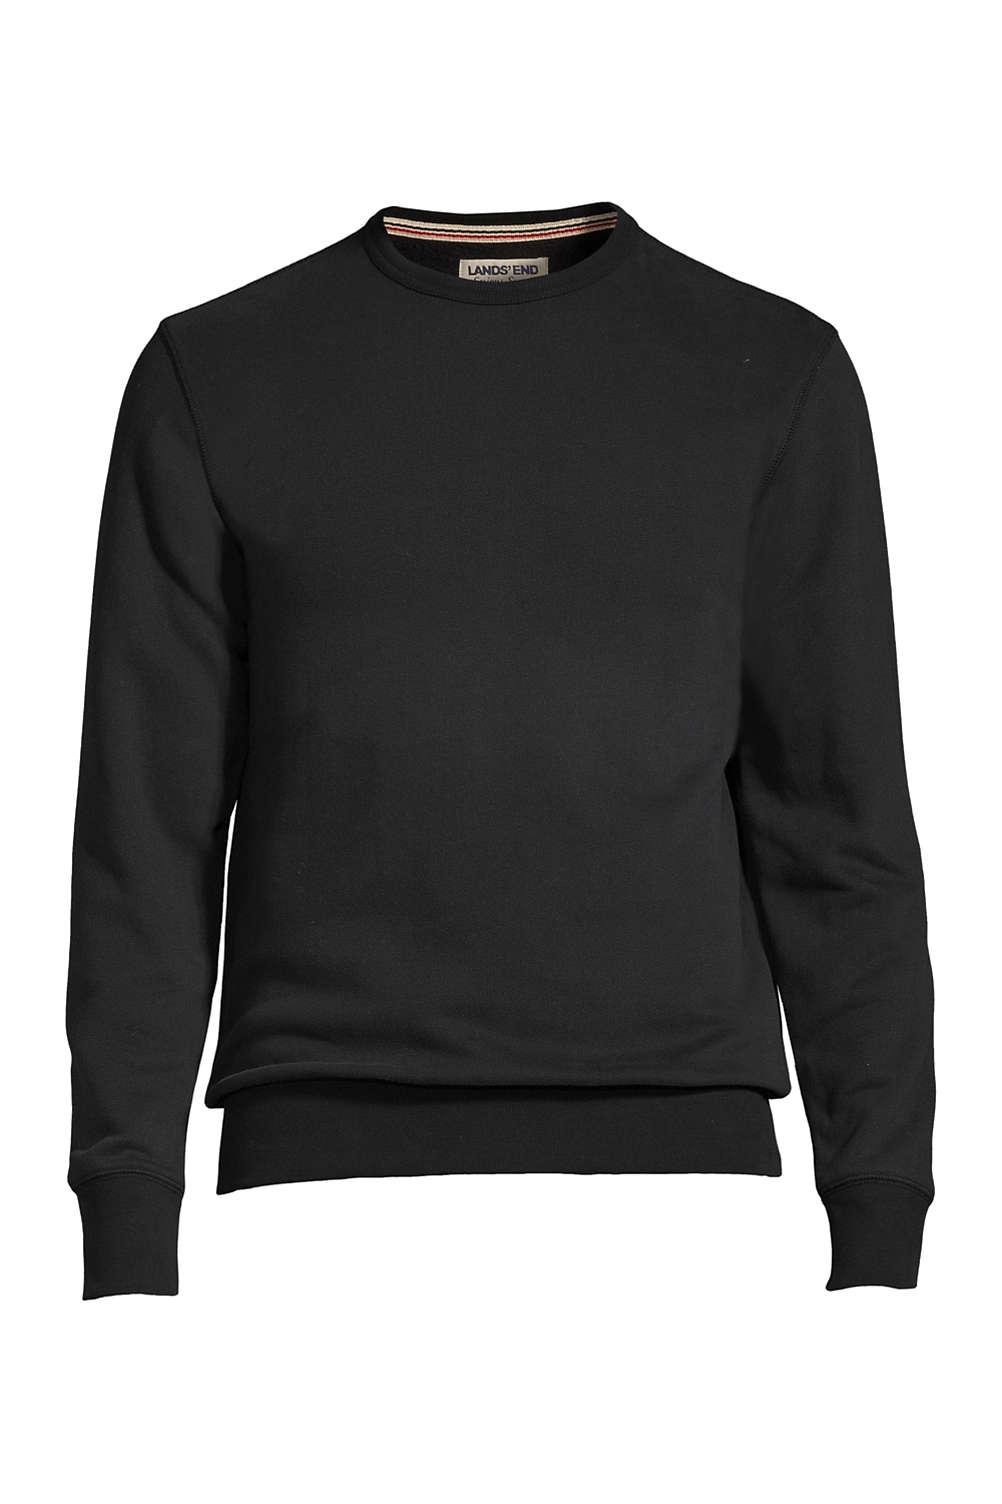 842ec9c20 Men's Serious Sweats Crewneck Sweatshirt from Lands' End